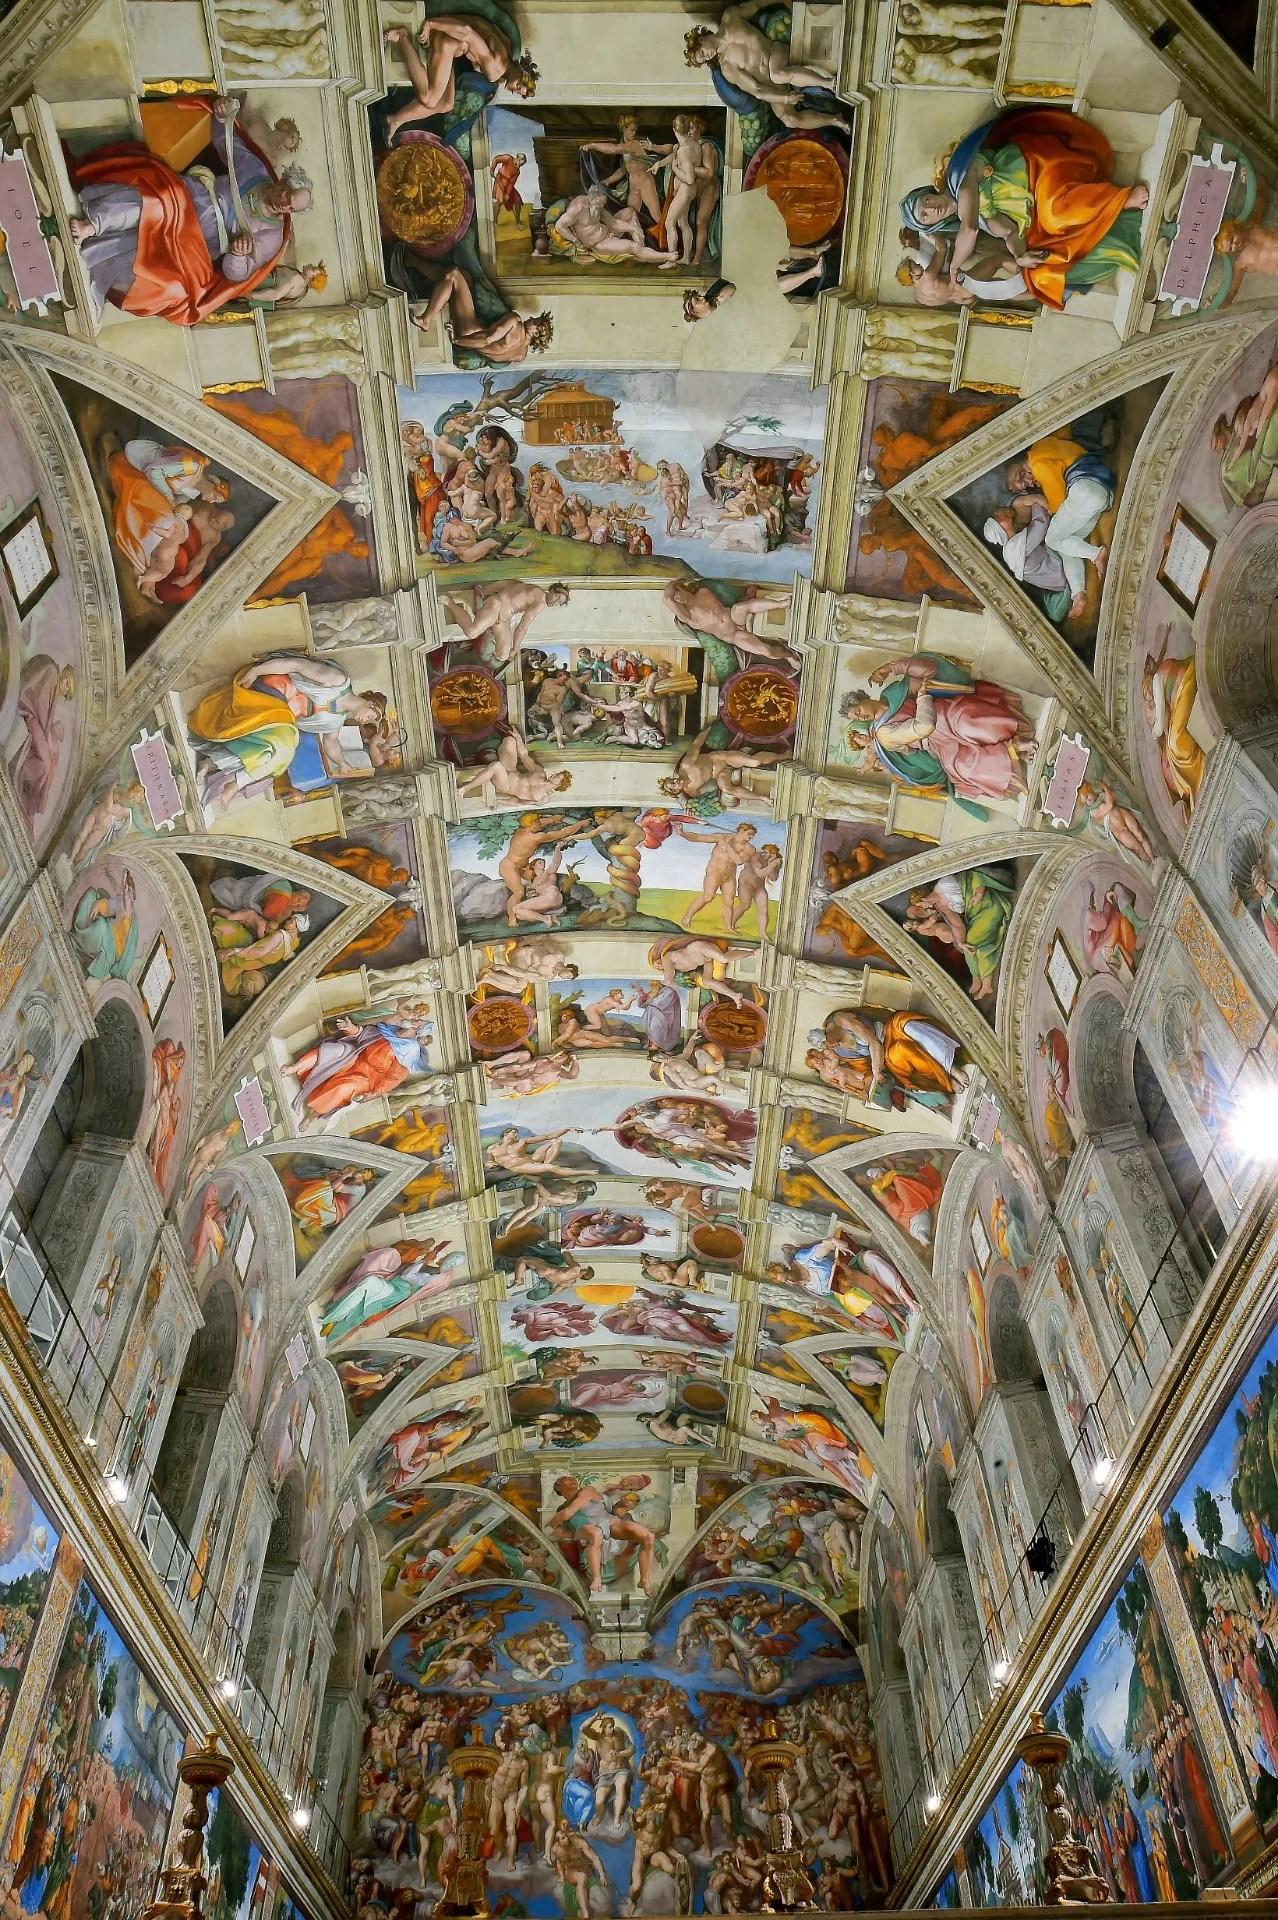 Le Plafond De La Chapelle Sixtine : plafond, chapelle, sixtine, Virtual, Sistine, Chapel, Online, Vogue, Paris